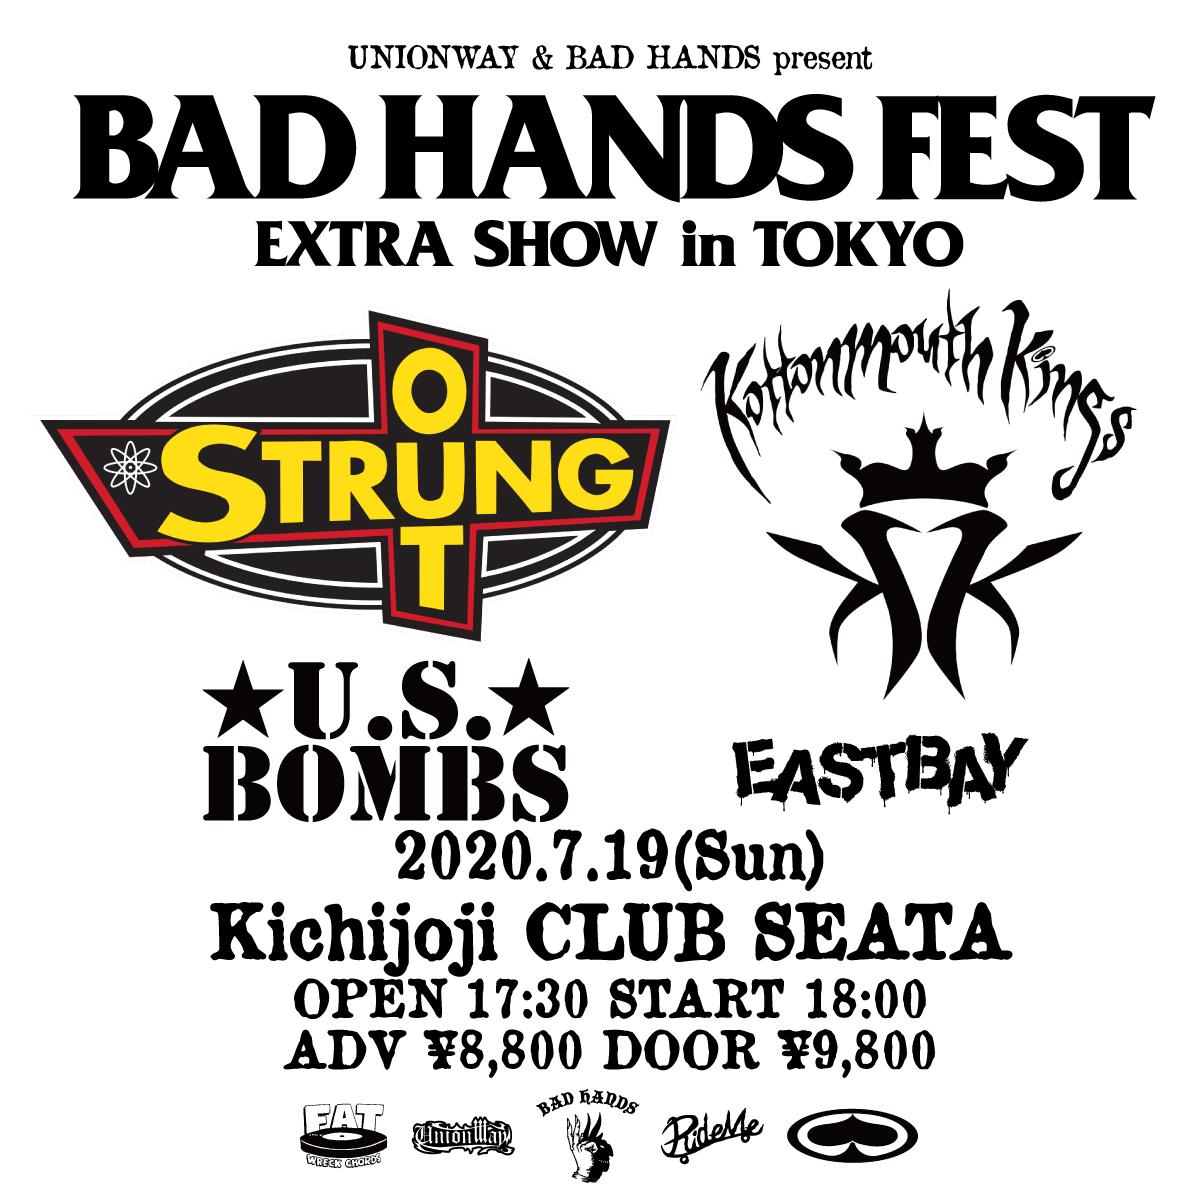 【キャンセル】UNIONWAY & BAD HANDS presents BAD HANDS FEST EXTRA SHOW in TOKYOの写真